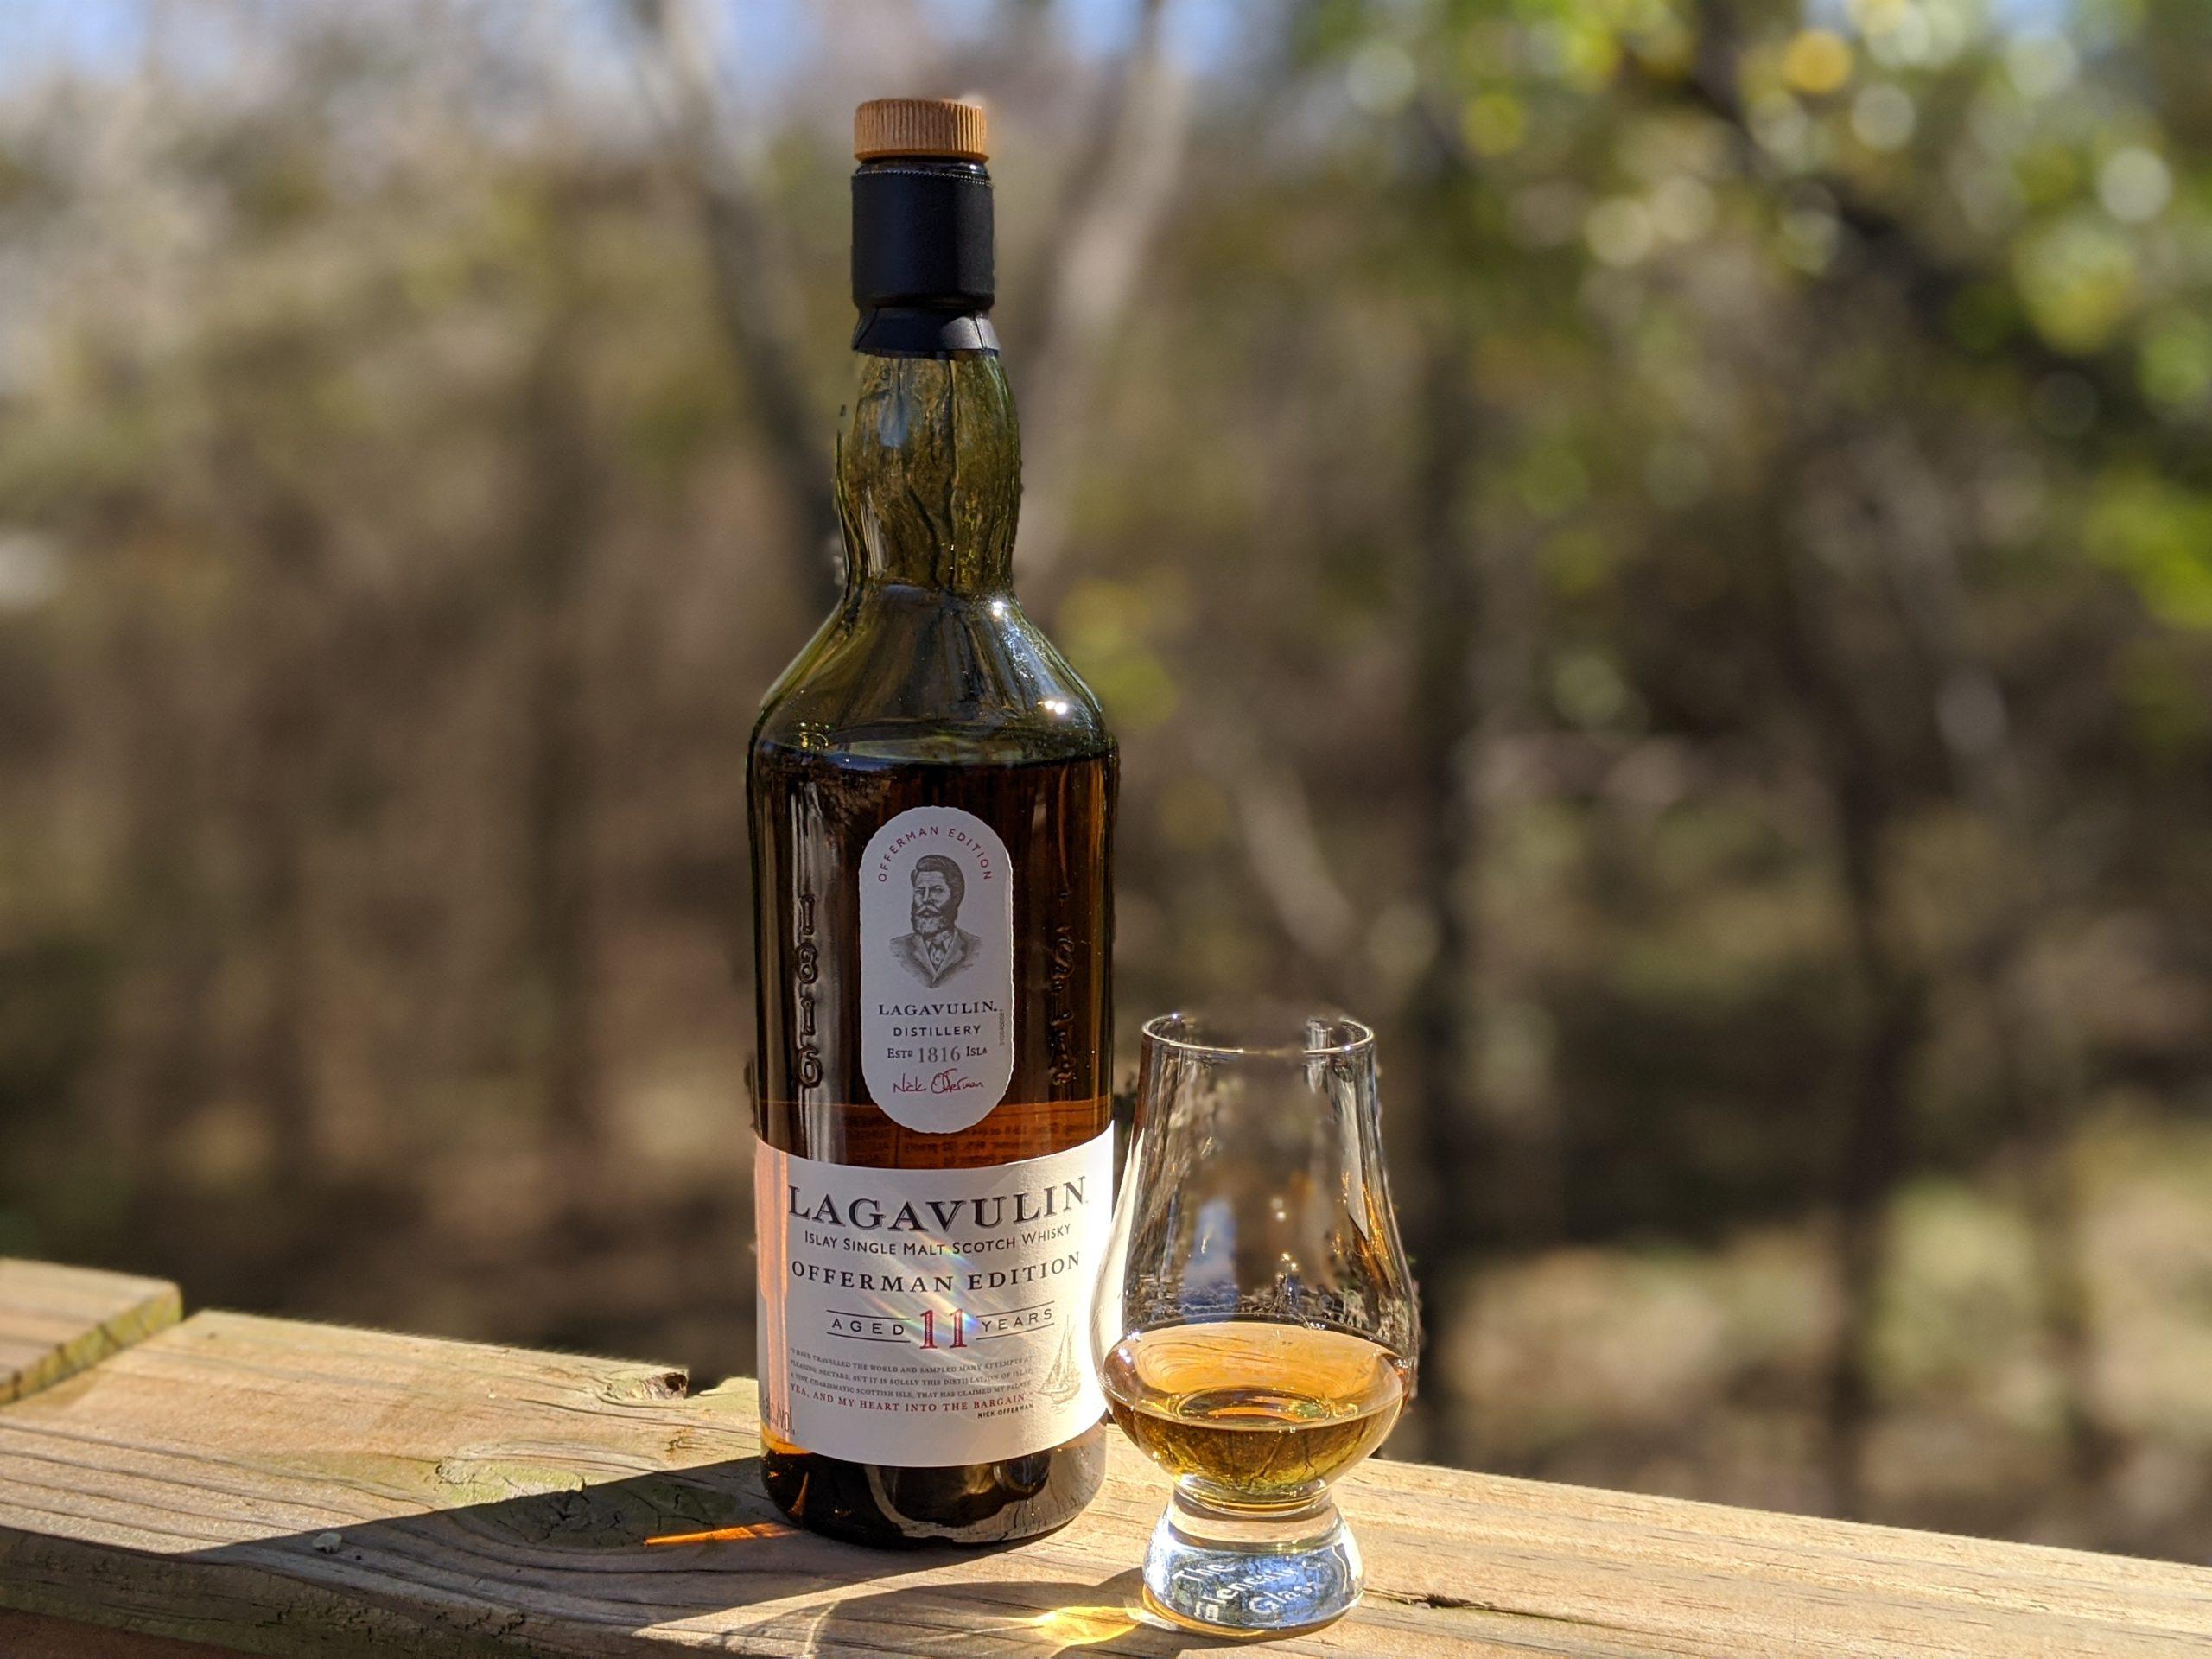 Lagavulin Scotch Bottle Light